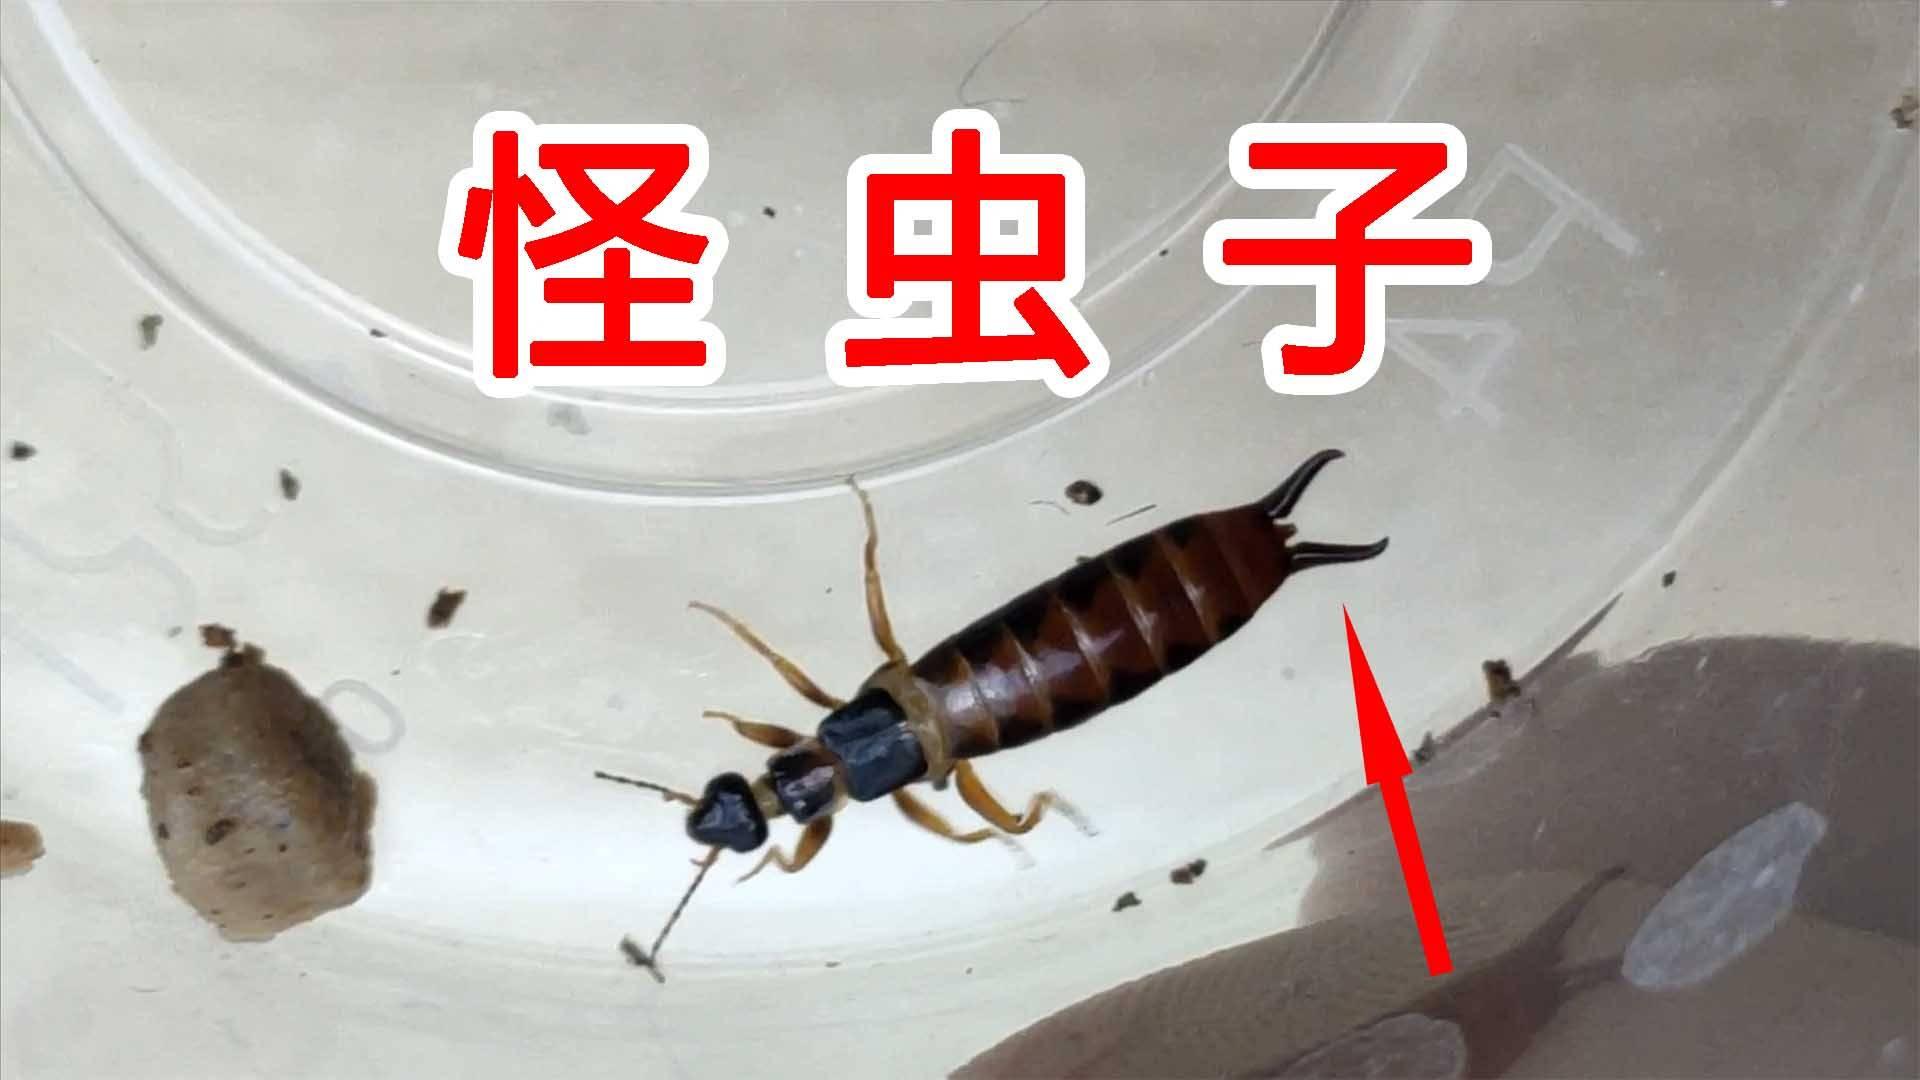 尾巴上长钳子的怪虫子!蠼螋!被它夹一下会很疼吗?